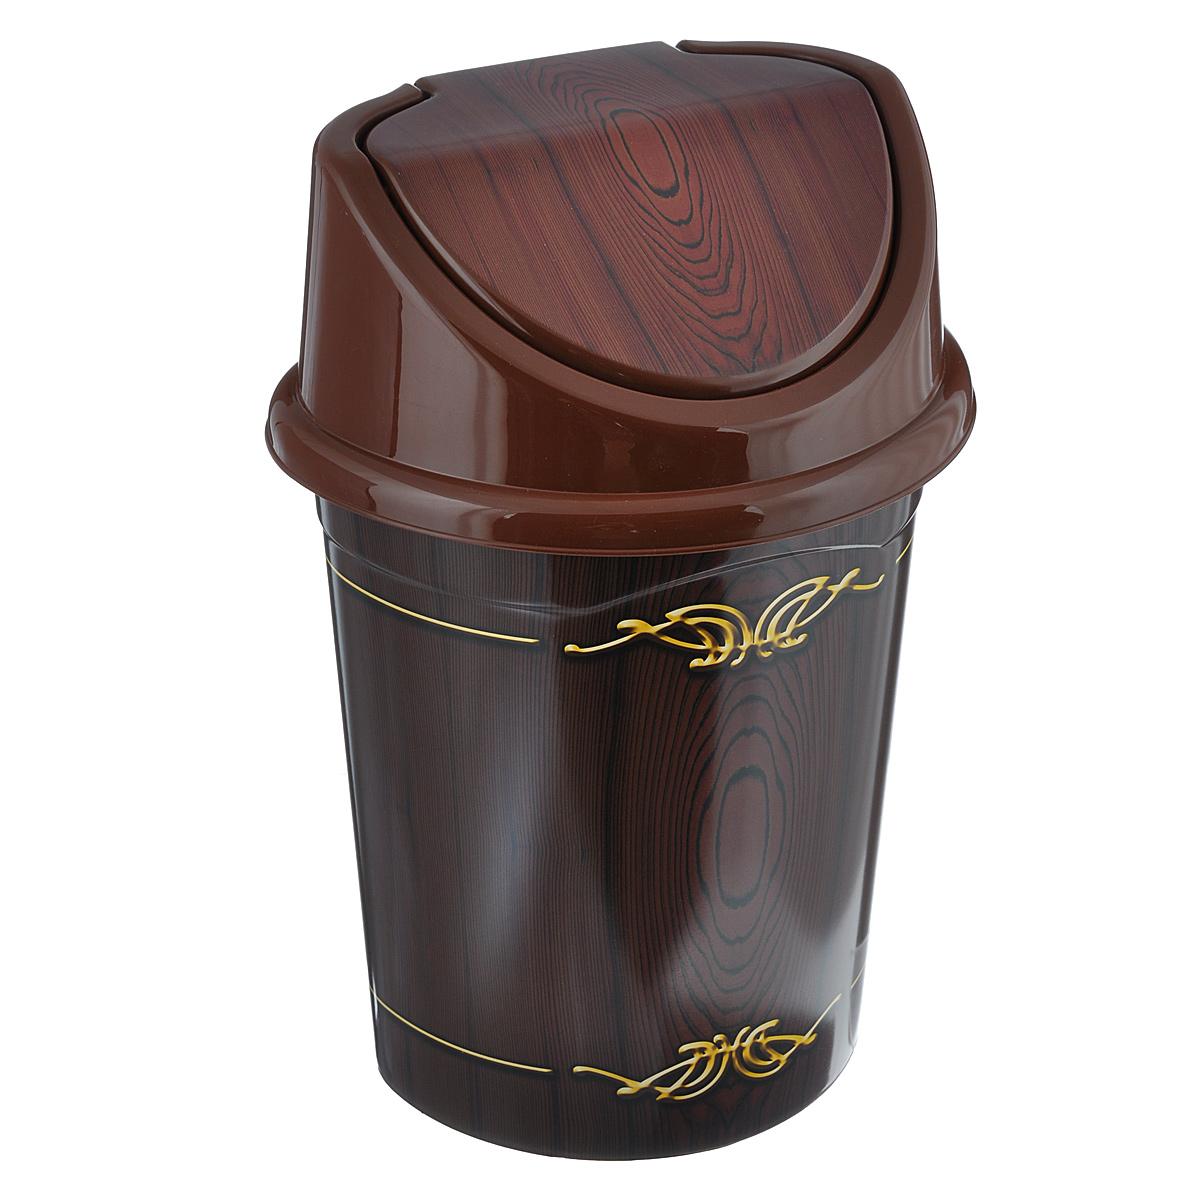 Контейнер для мусора Violet Дерево, цвет: коричневый, желтый, 4 л0404/81Контейнер для мусора Violet Дерево изготовлен из прочного пластика. Контейнер снабжен удобной съемной крышкой с подвижной перегородкой. В нем удобно хранить мелкий мусор. Благодаря лаконичному дизайну такой контейнер идеально впишется в интерьер и дома, и офиса. Размер изделия: 16 см x 20 см x 27 см.